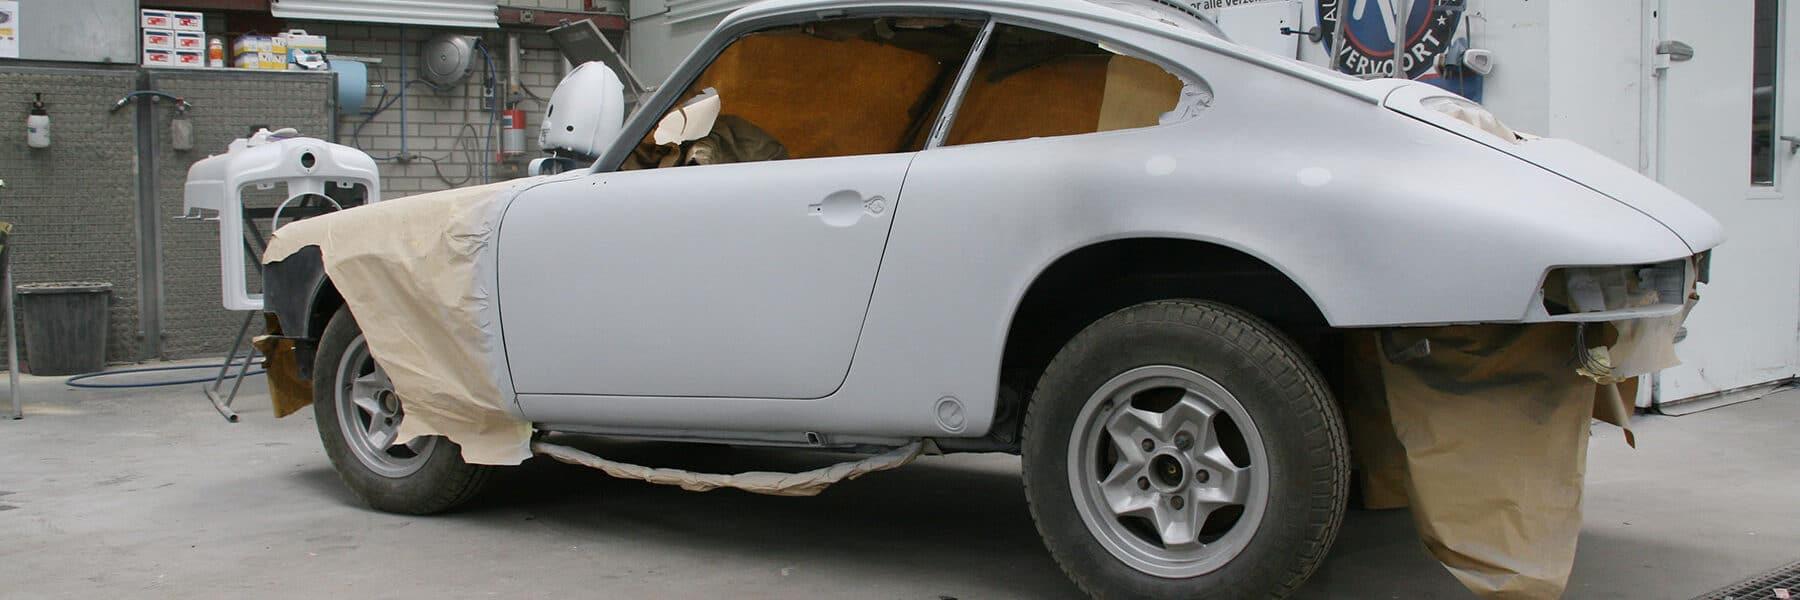 oldtimer restauratie autoschade herstel vervoort